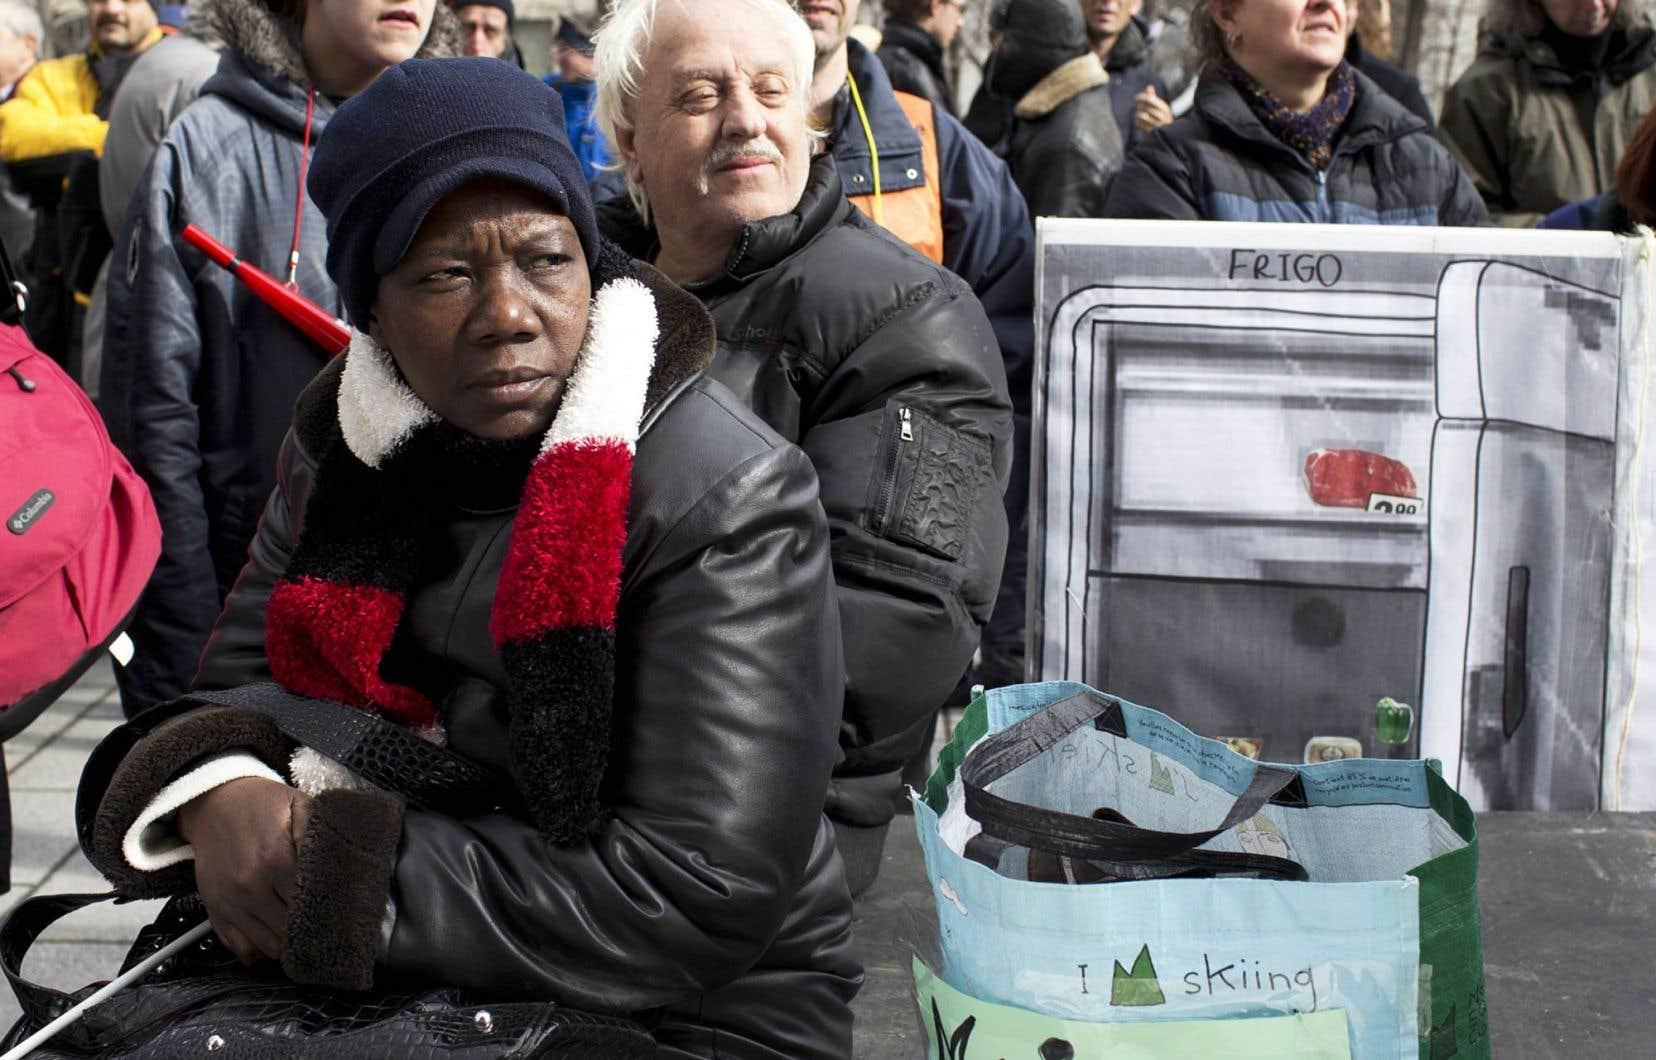 Les bénéficiaires qui voyagent plus de deux semaines sont souvent des immigrants dont les proches restés là-bas paient le billet d'avion, dit Geneviève Guernier, du Front commun des personnes assistées sociales.